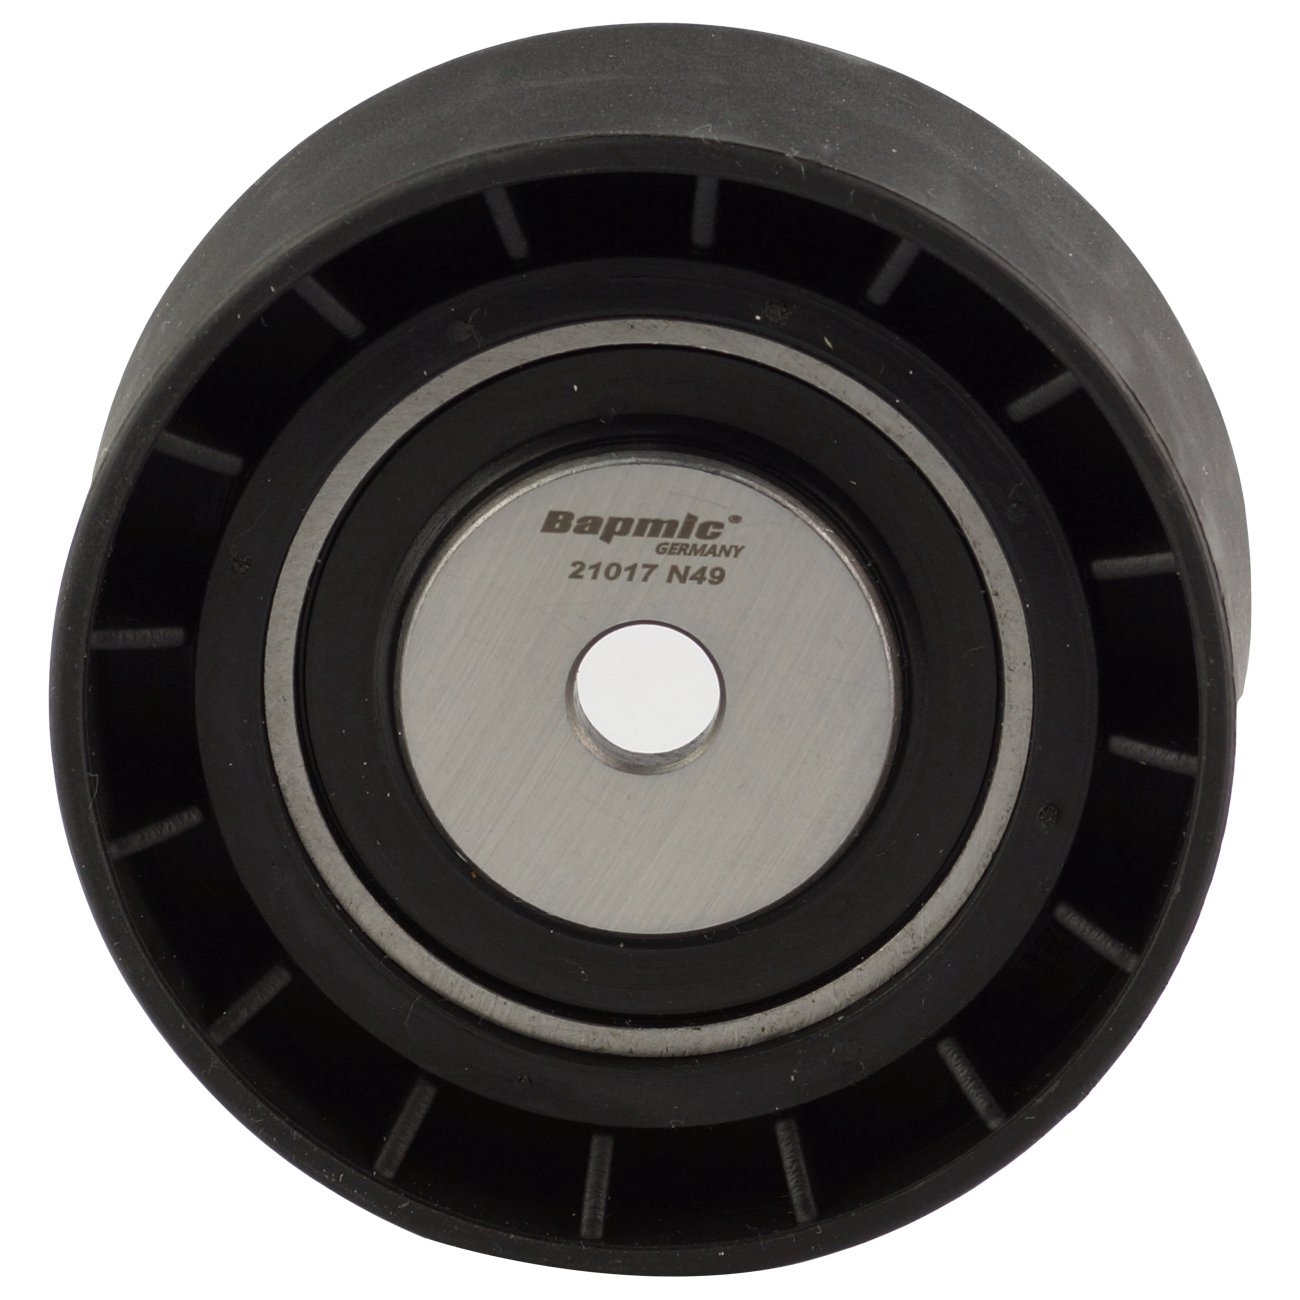 bapmic 11281731220 cinturón correa de distribución polea: Amazon.es: Coche y moto